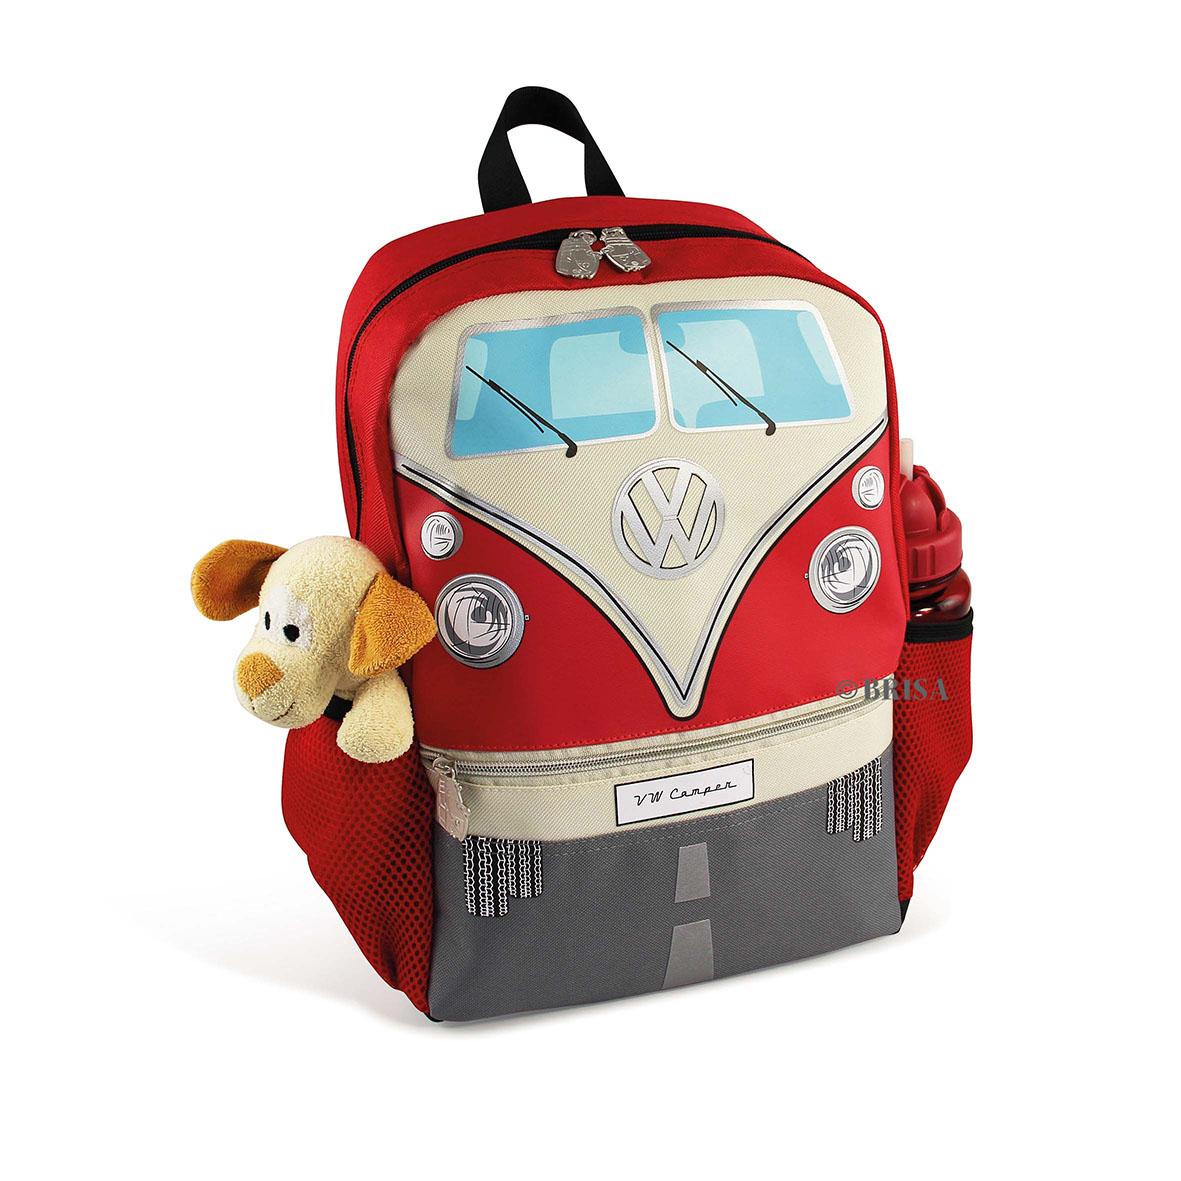 Taschen & Rücksäcke & Koffer